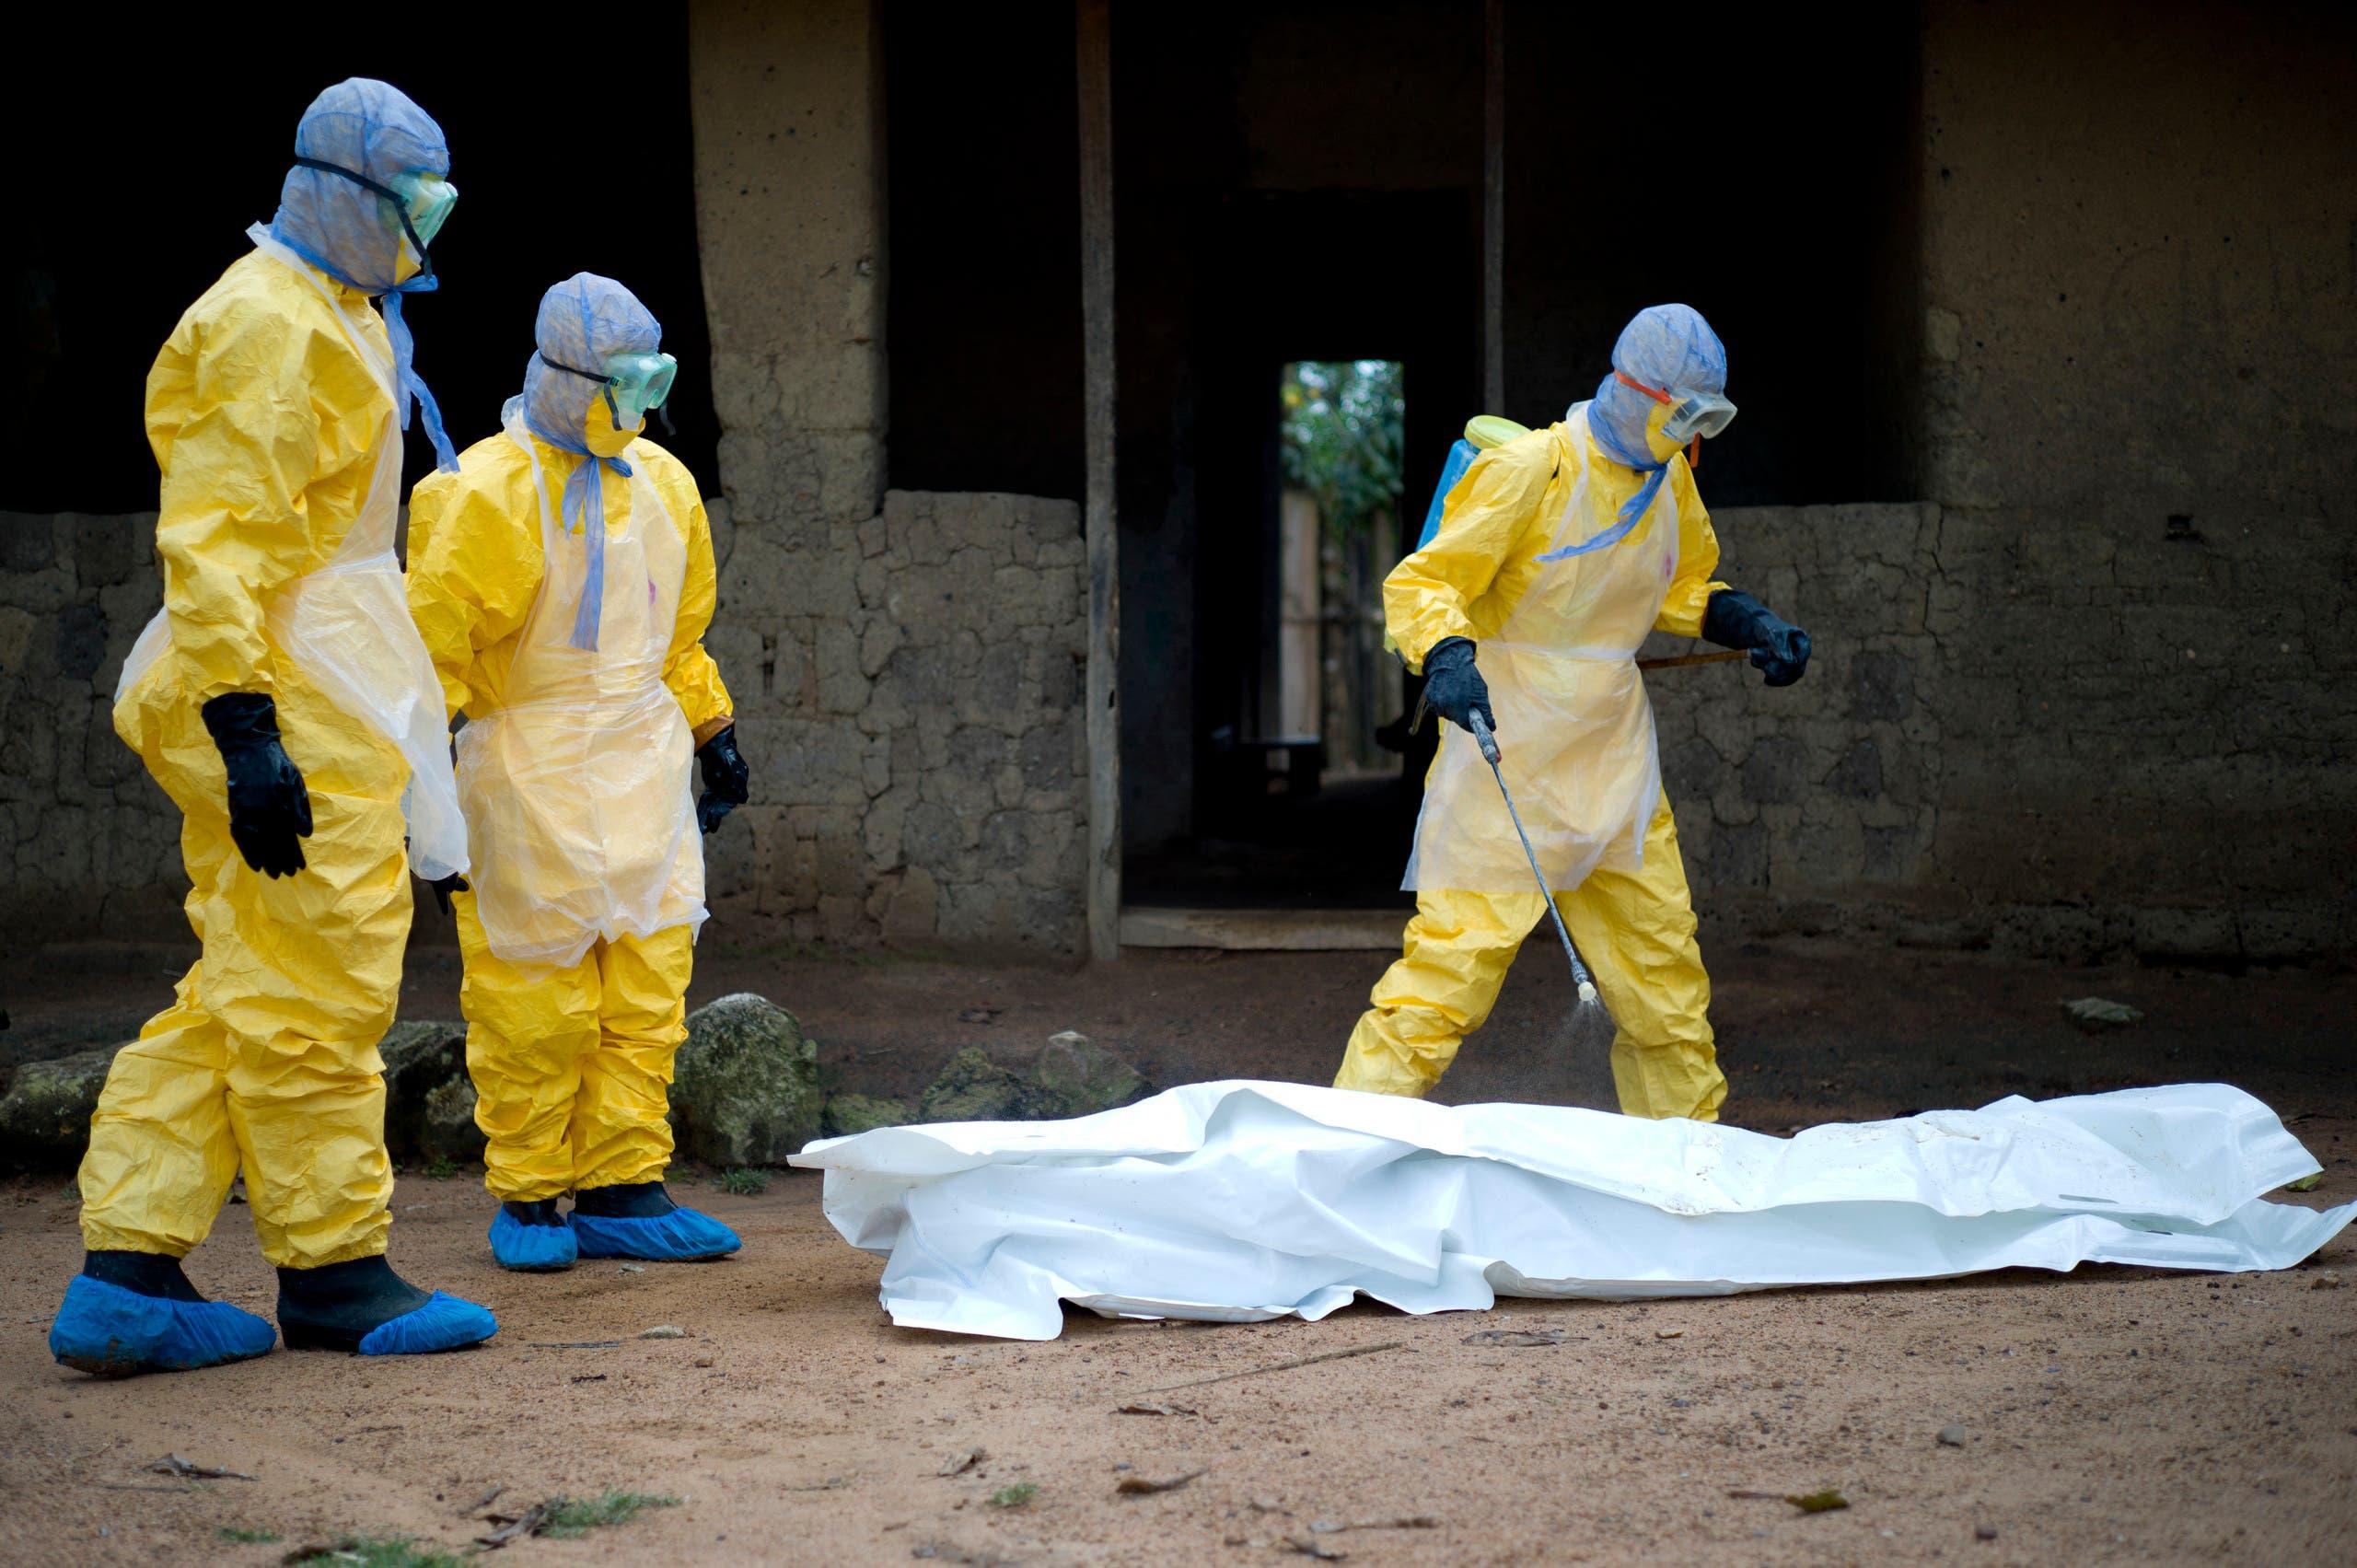 عمال صحيون ينقلون جثة متوفى بإيبولا في غينيا في 2014 (أرشيفية)